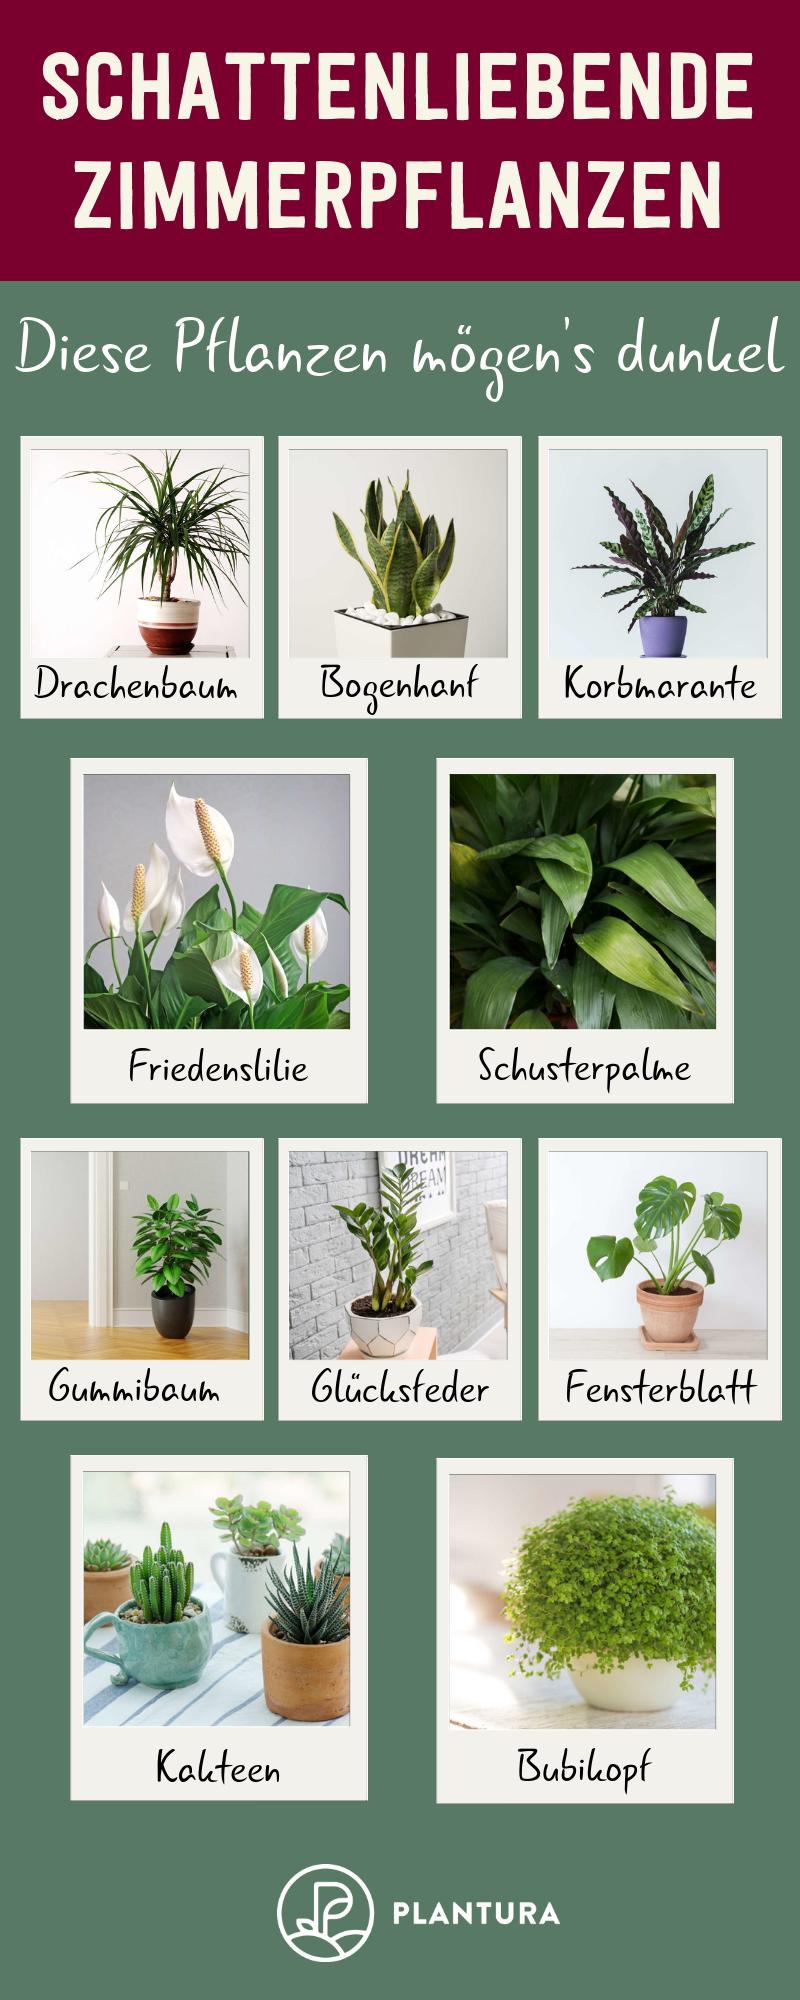 Schattenliebende Zimmerpflanzen Unsere Top 10 Plantura In 2020 Pflanzen Zimmerpflanzen Pflanzen Zimmer